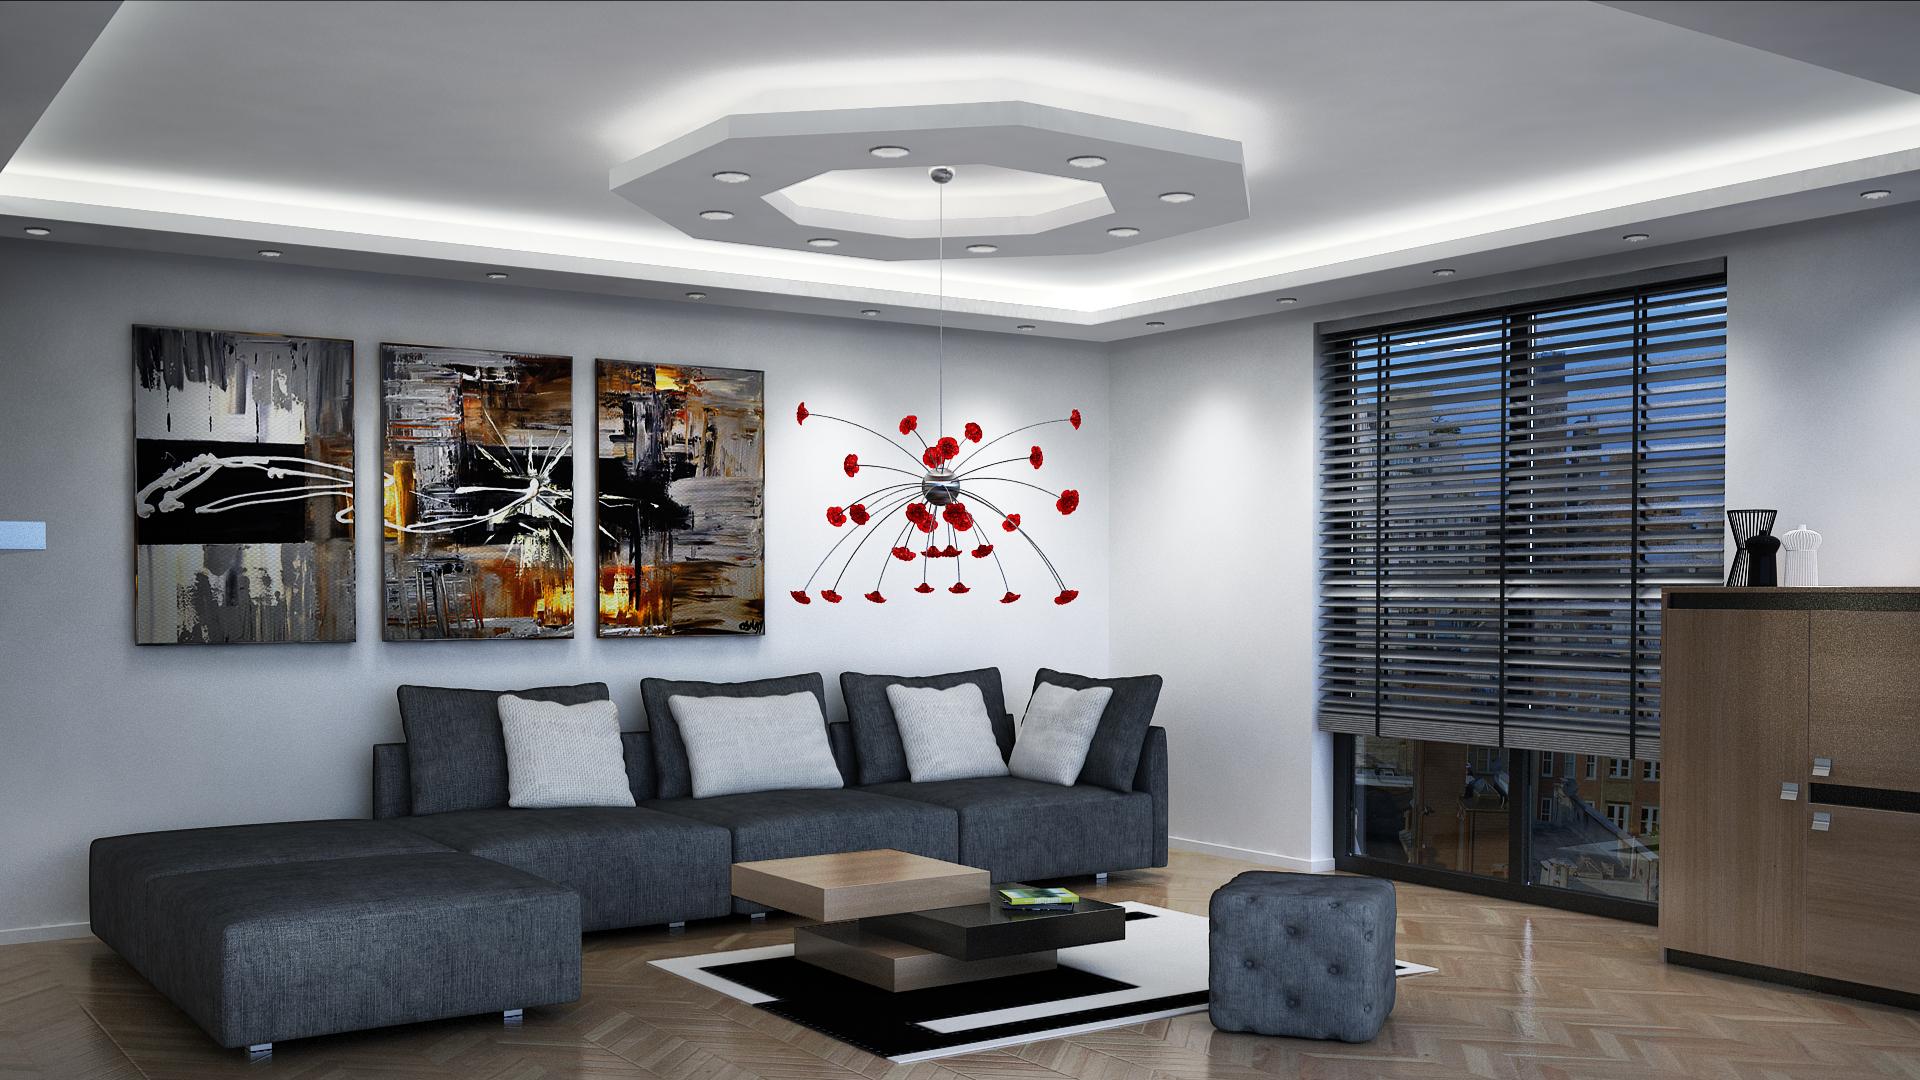 Sufity podwieszane w salonie wzory materia y budowlane for Sufit podwieszany w salonie